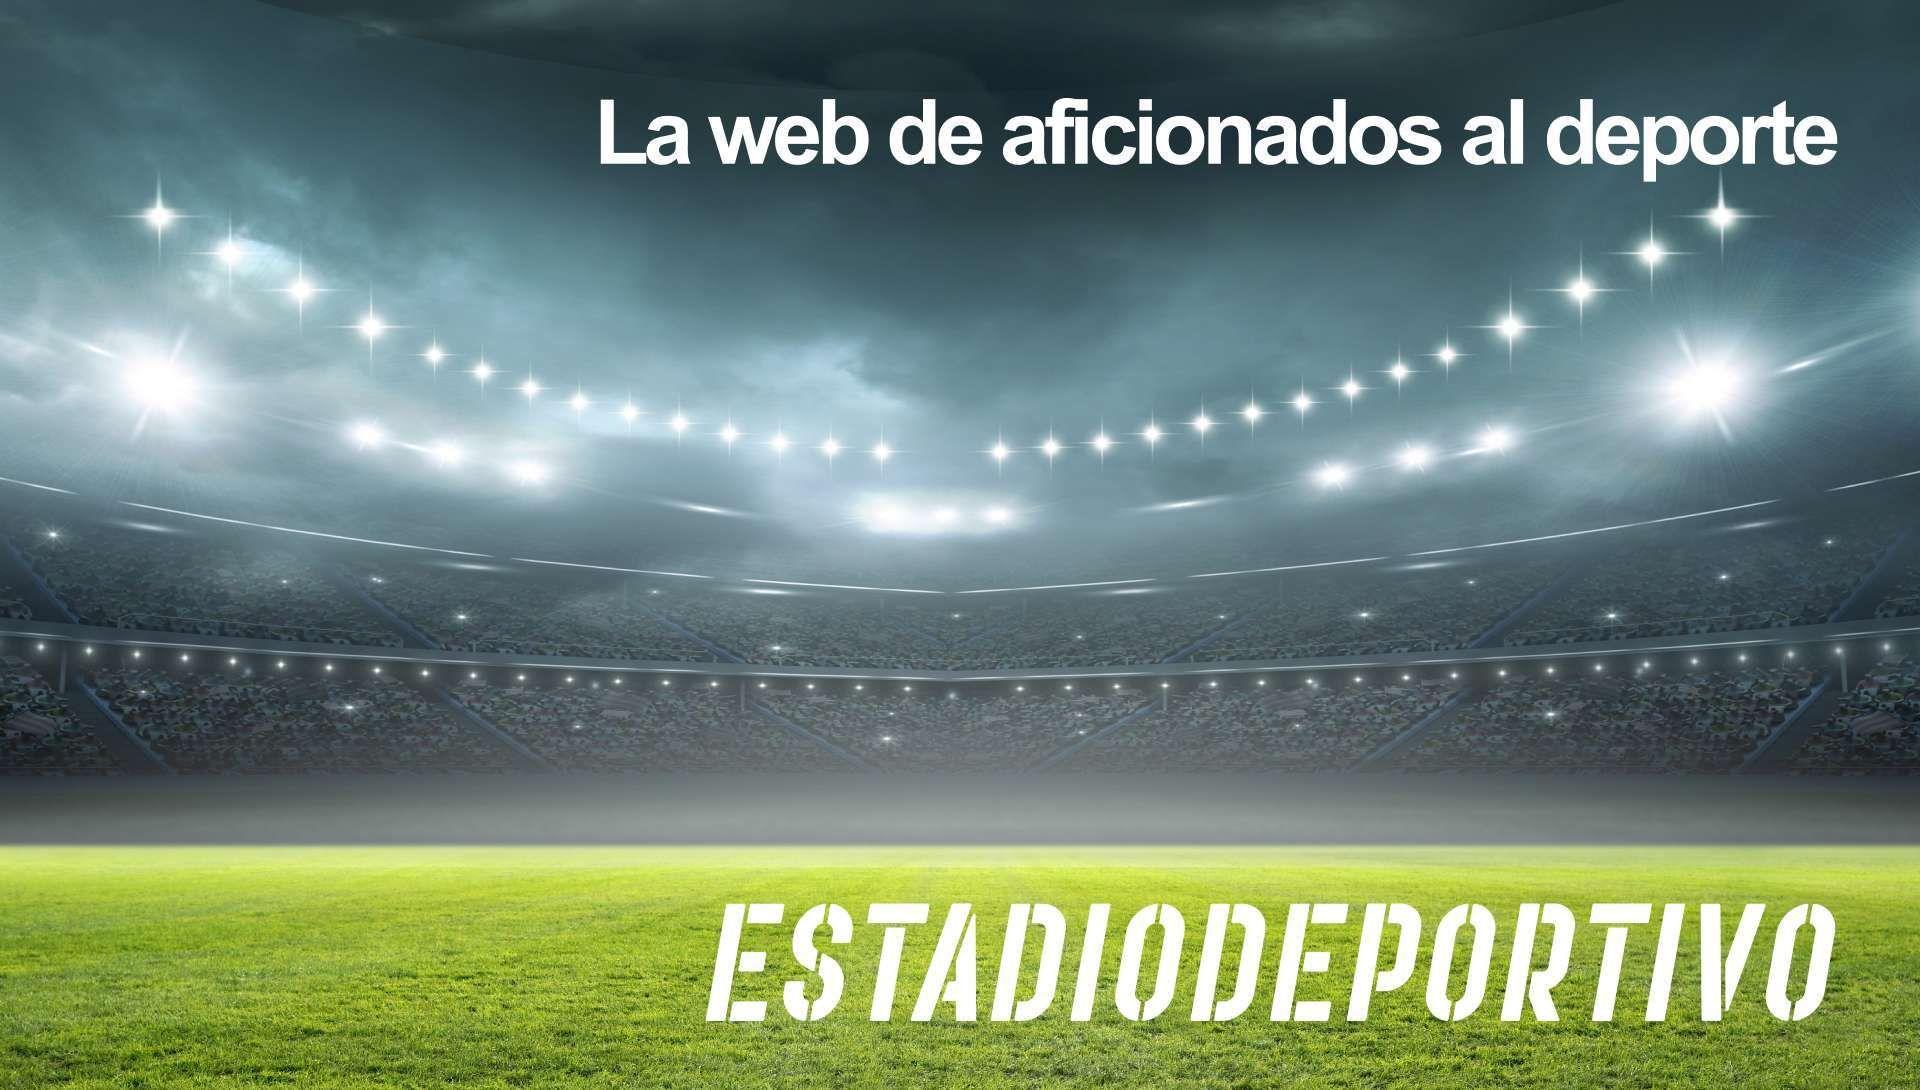 La secuencia completa del mejor gol de LaLiga 21/22: el de Fekir en el Betis-Levante